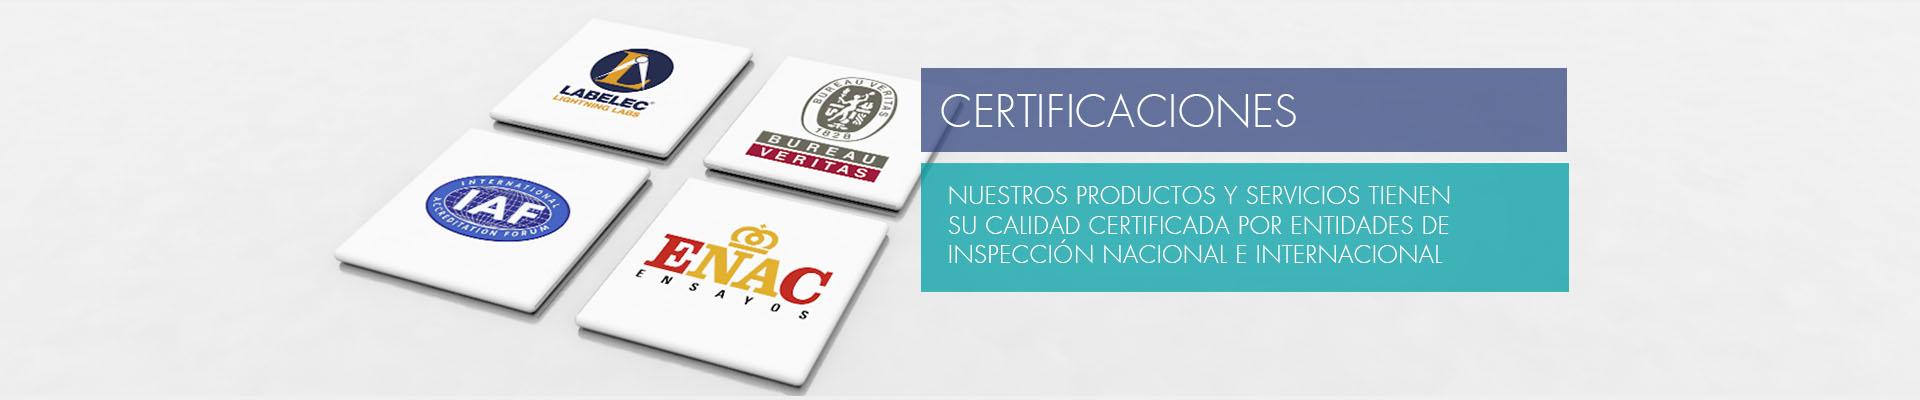 Certificaciones ENAC